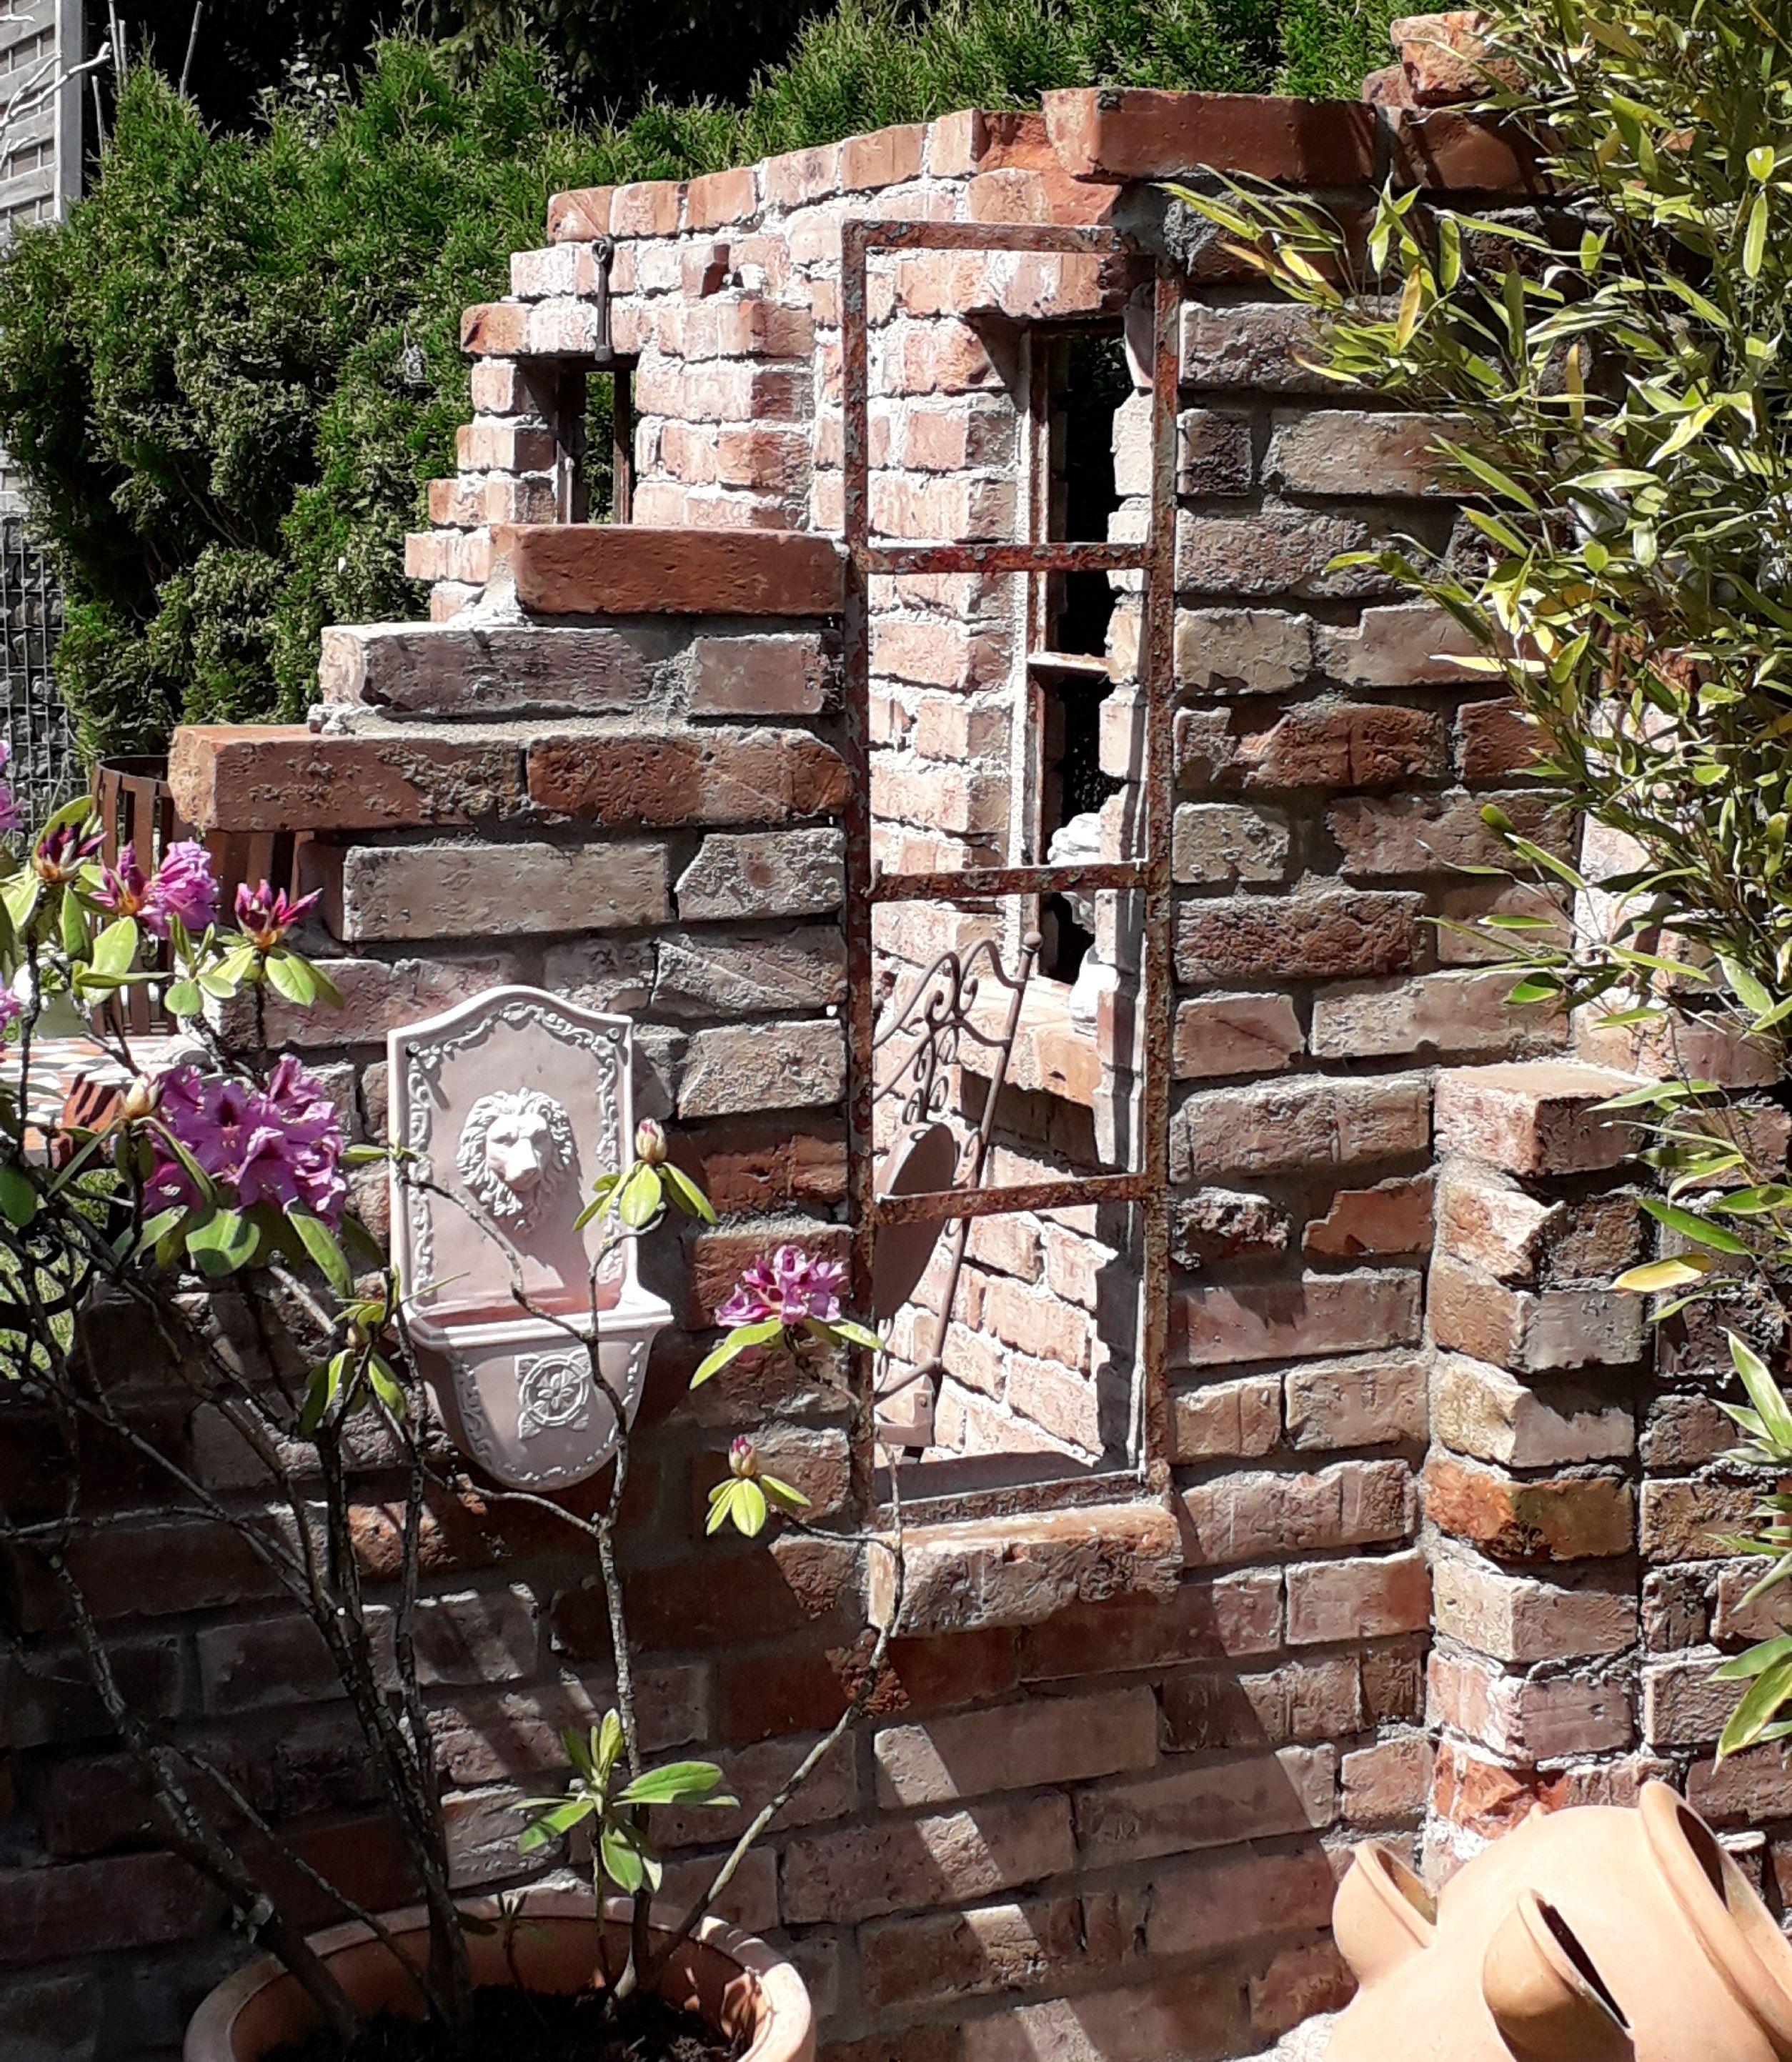 Ruinenmauer Gartenmauern Steinmauer Garten Garten Deko